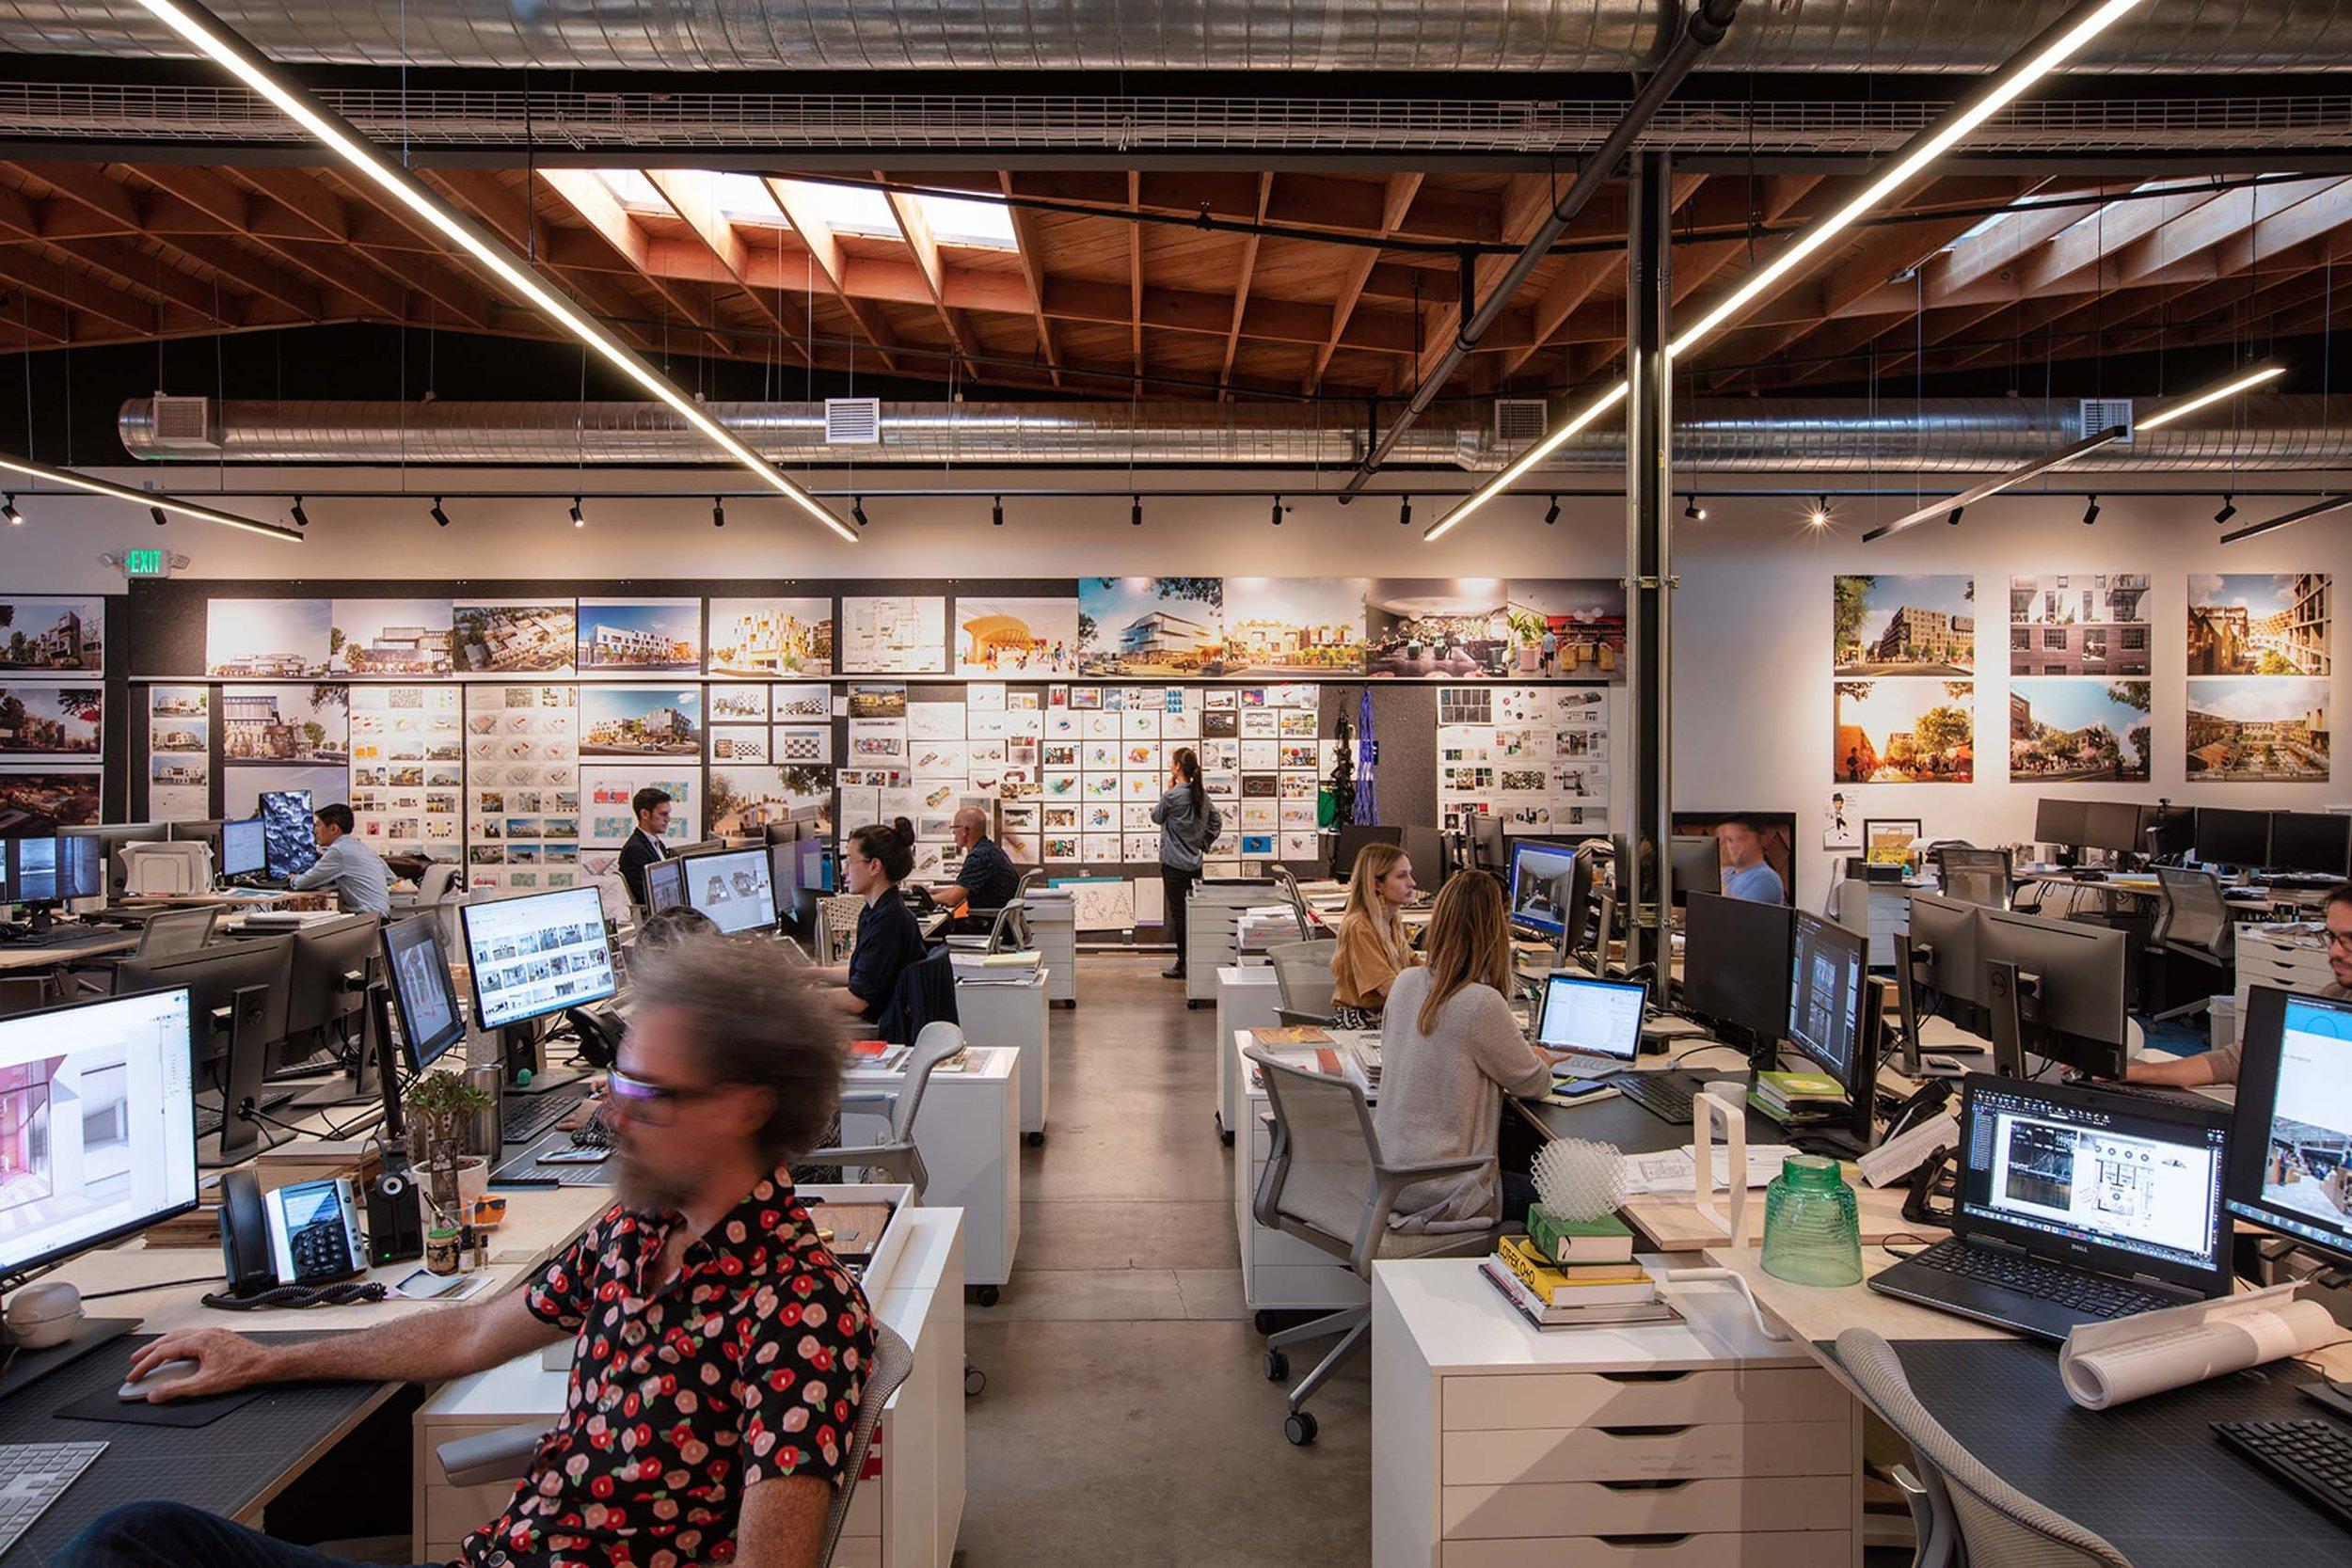 design-studio-officeuntitled-05-2560w-500k.jpg